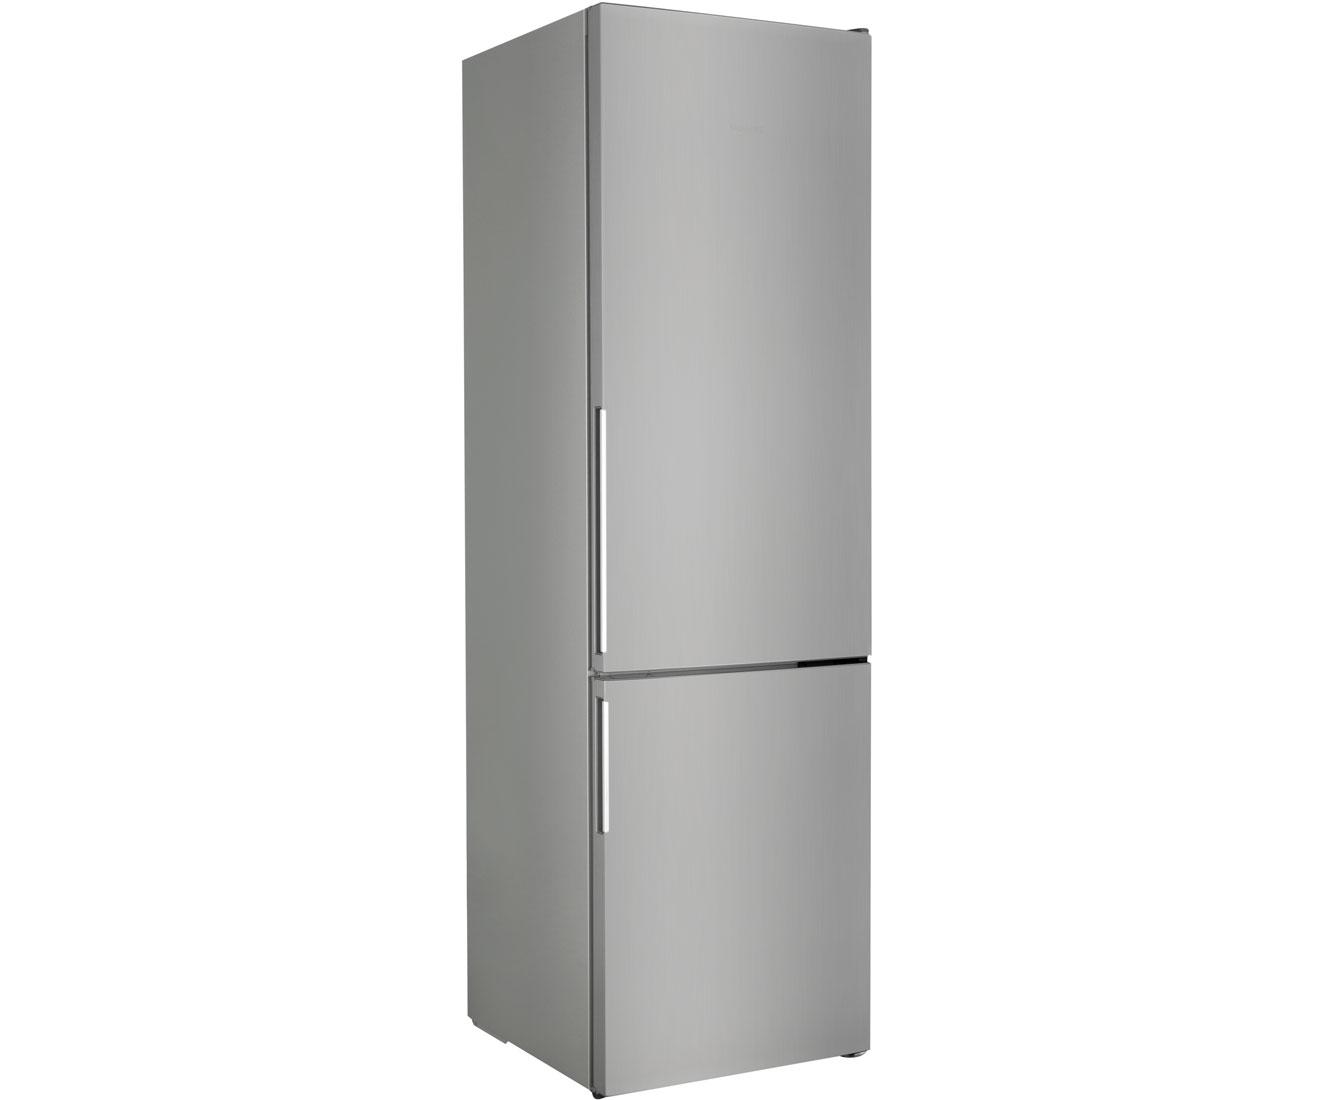 Siemens Kühlschrank Urlaubsschaltung : Siemens iq kg edl kühl gefrierkombination edelstahl optik